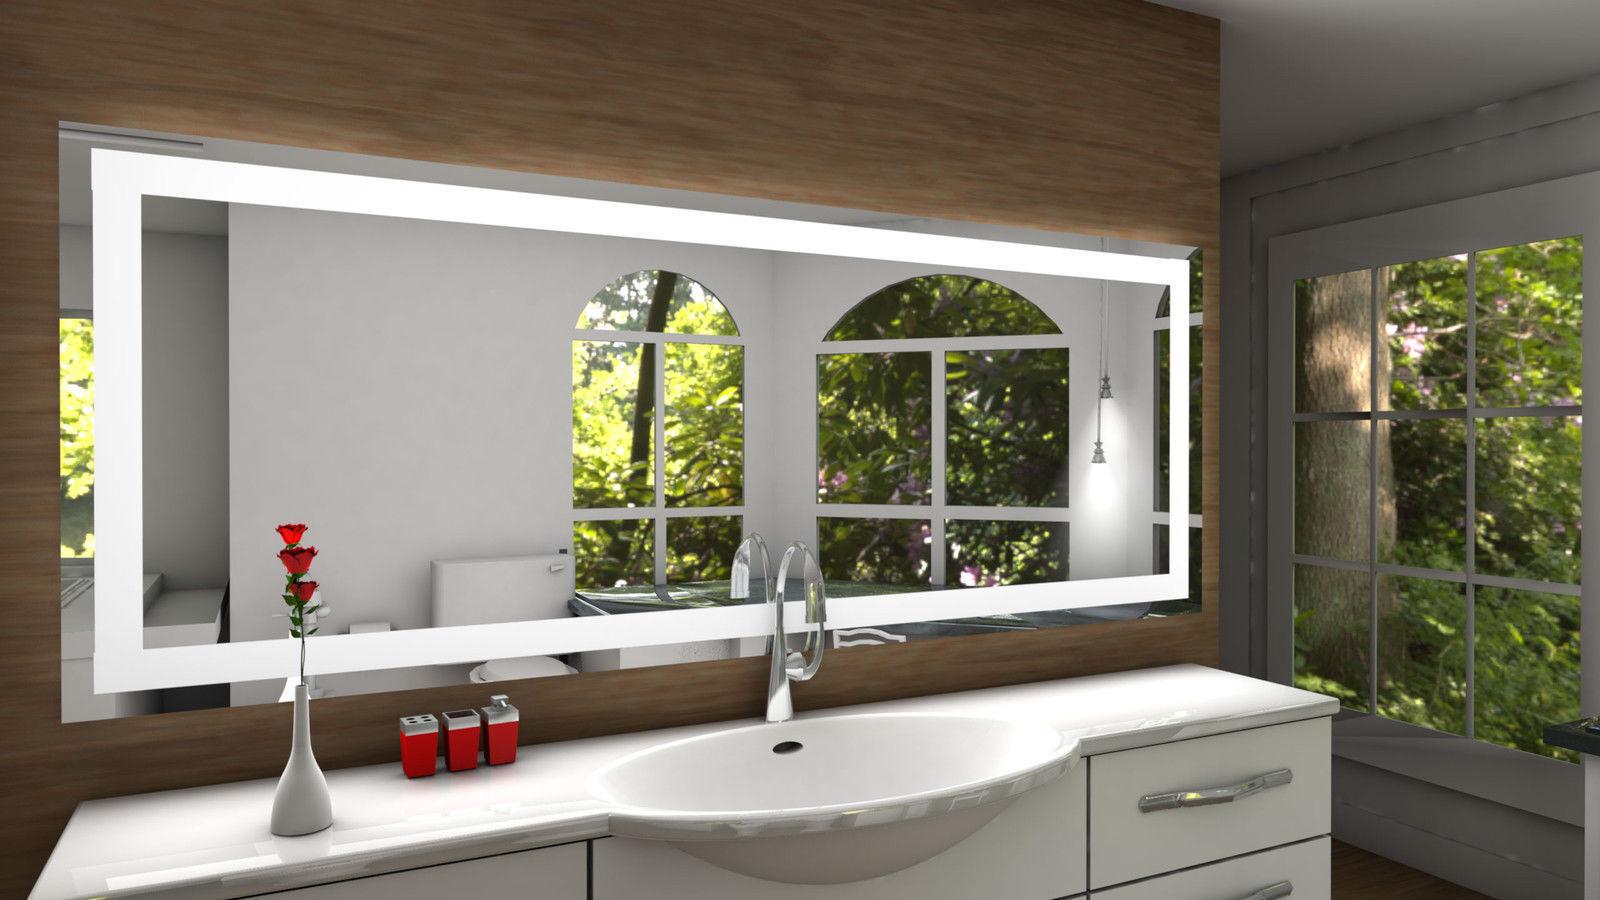 mit toulon led badspiegel lichtspiegel spiegel bad  leuchtspiegel neue wege gehen #15